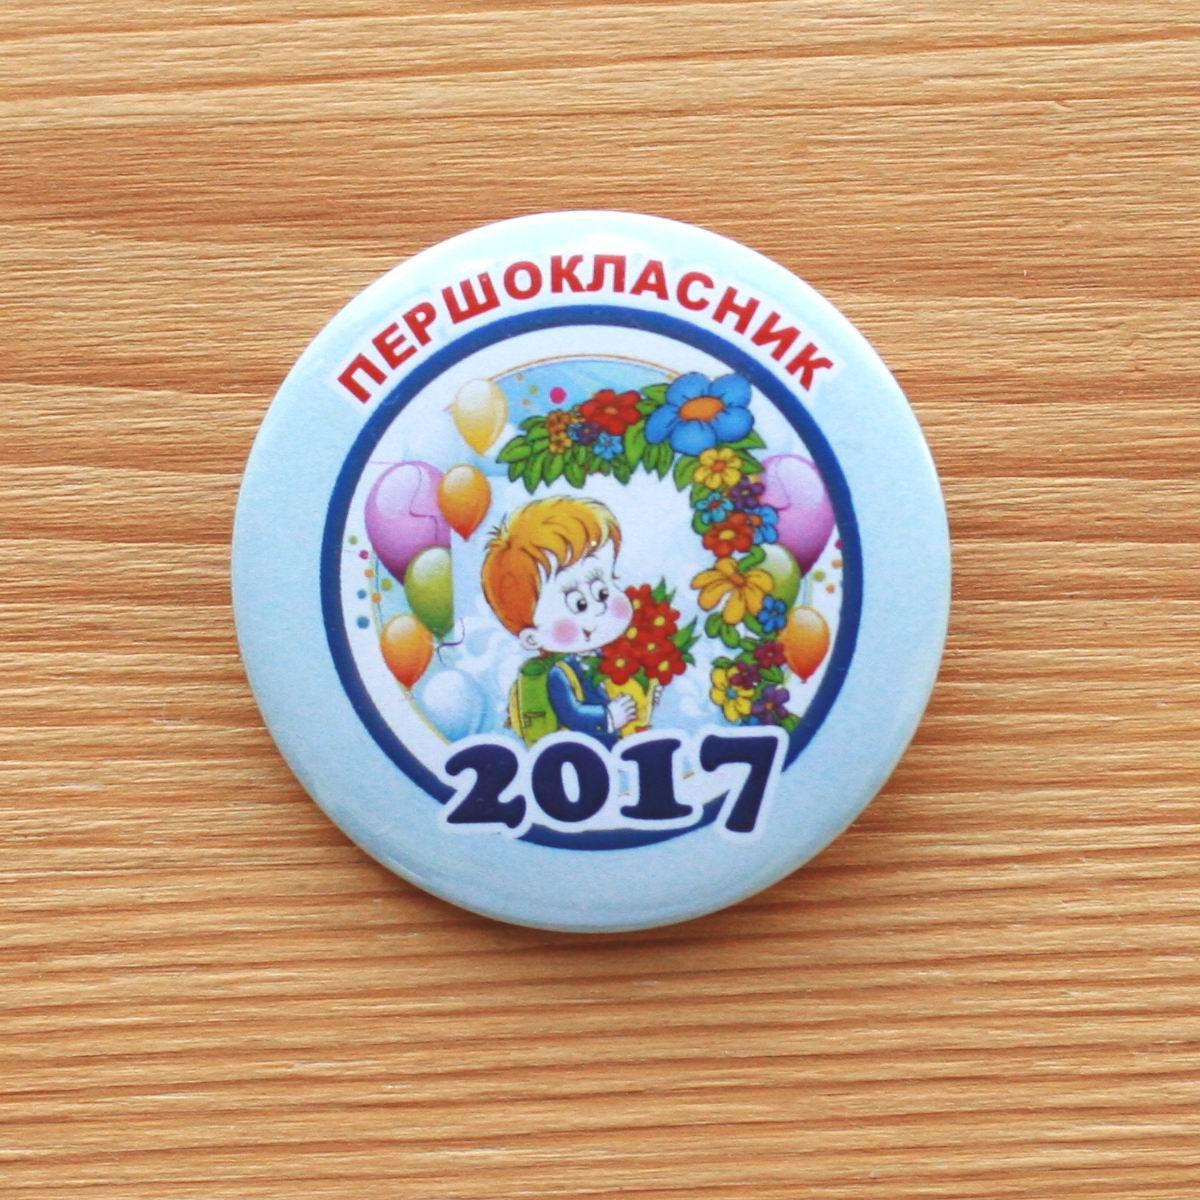 Значок киев цена обмен монет на авито альметьевск